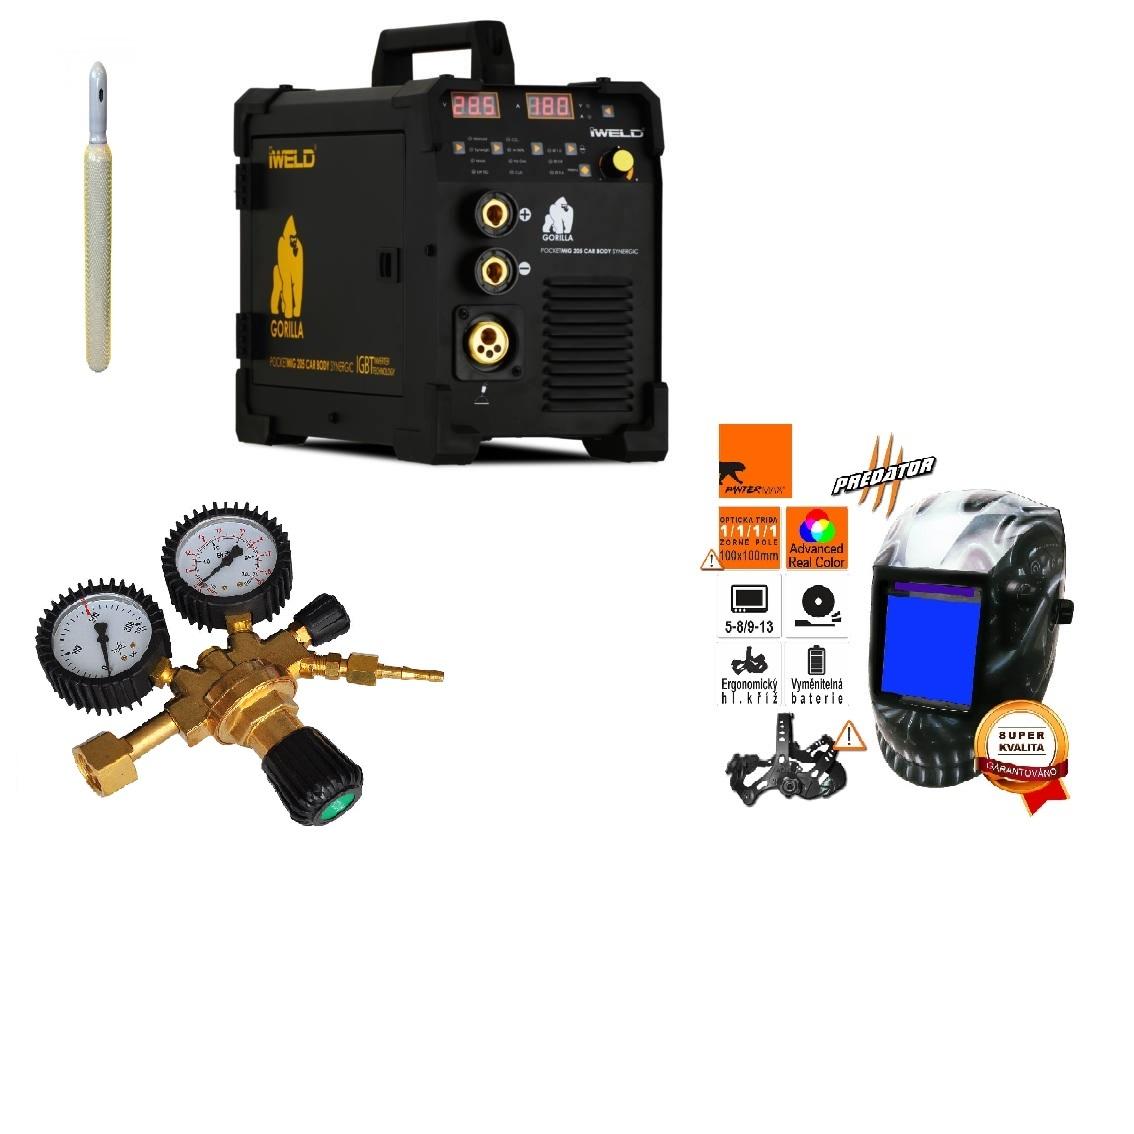 Gorilla PocketMig 205 Varianta: SET 22: svářečka s výbavou v popisu stroje + kukla profi Predátor + RV CO2 + lahev CO2 plná výhodný SET - další příslušenství ZDARMA